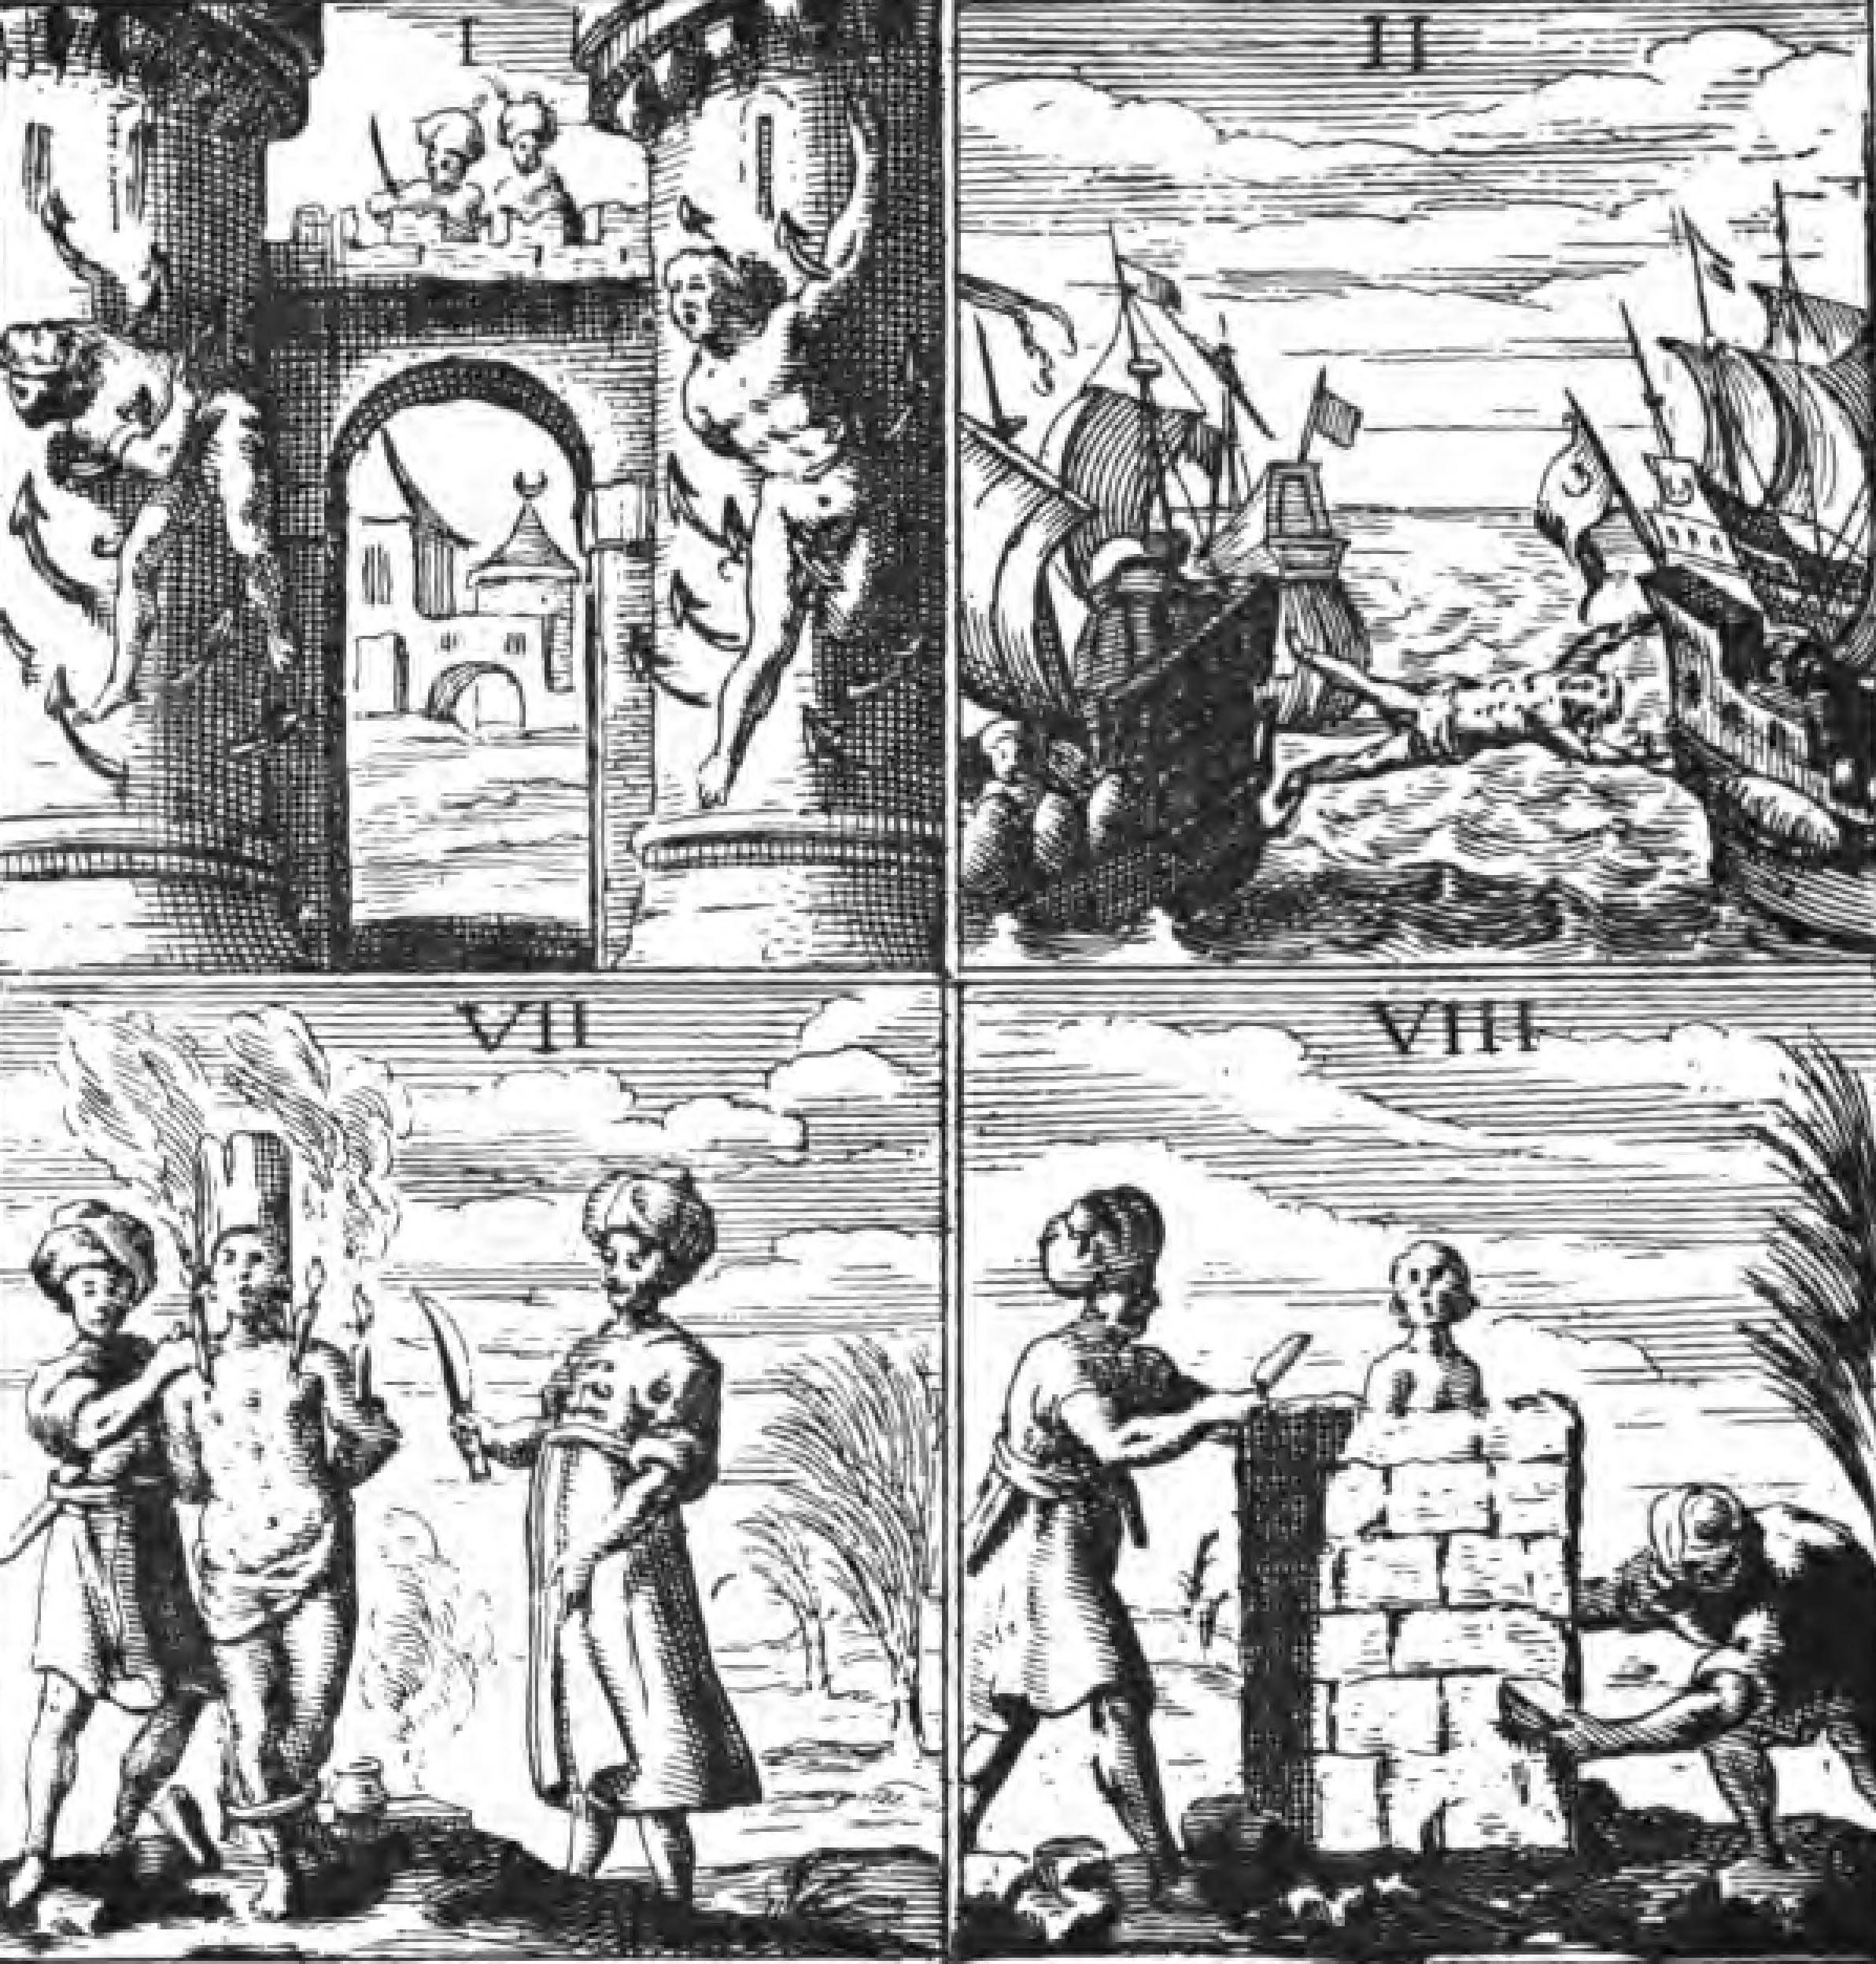 GALLEY SLAVE - Corsairs & Captives